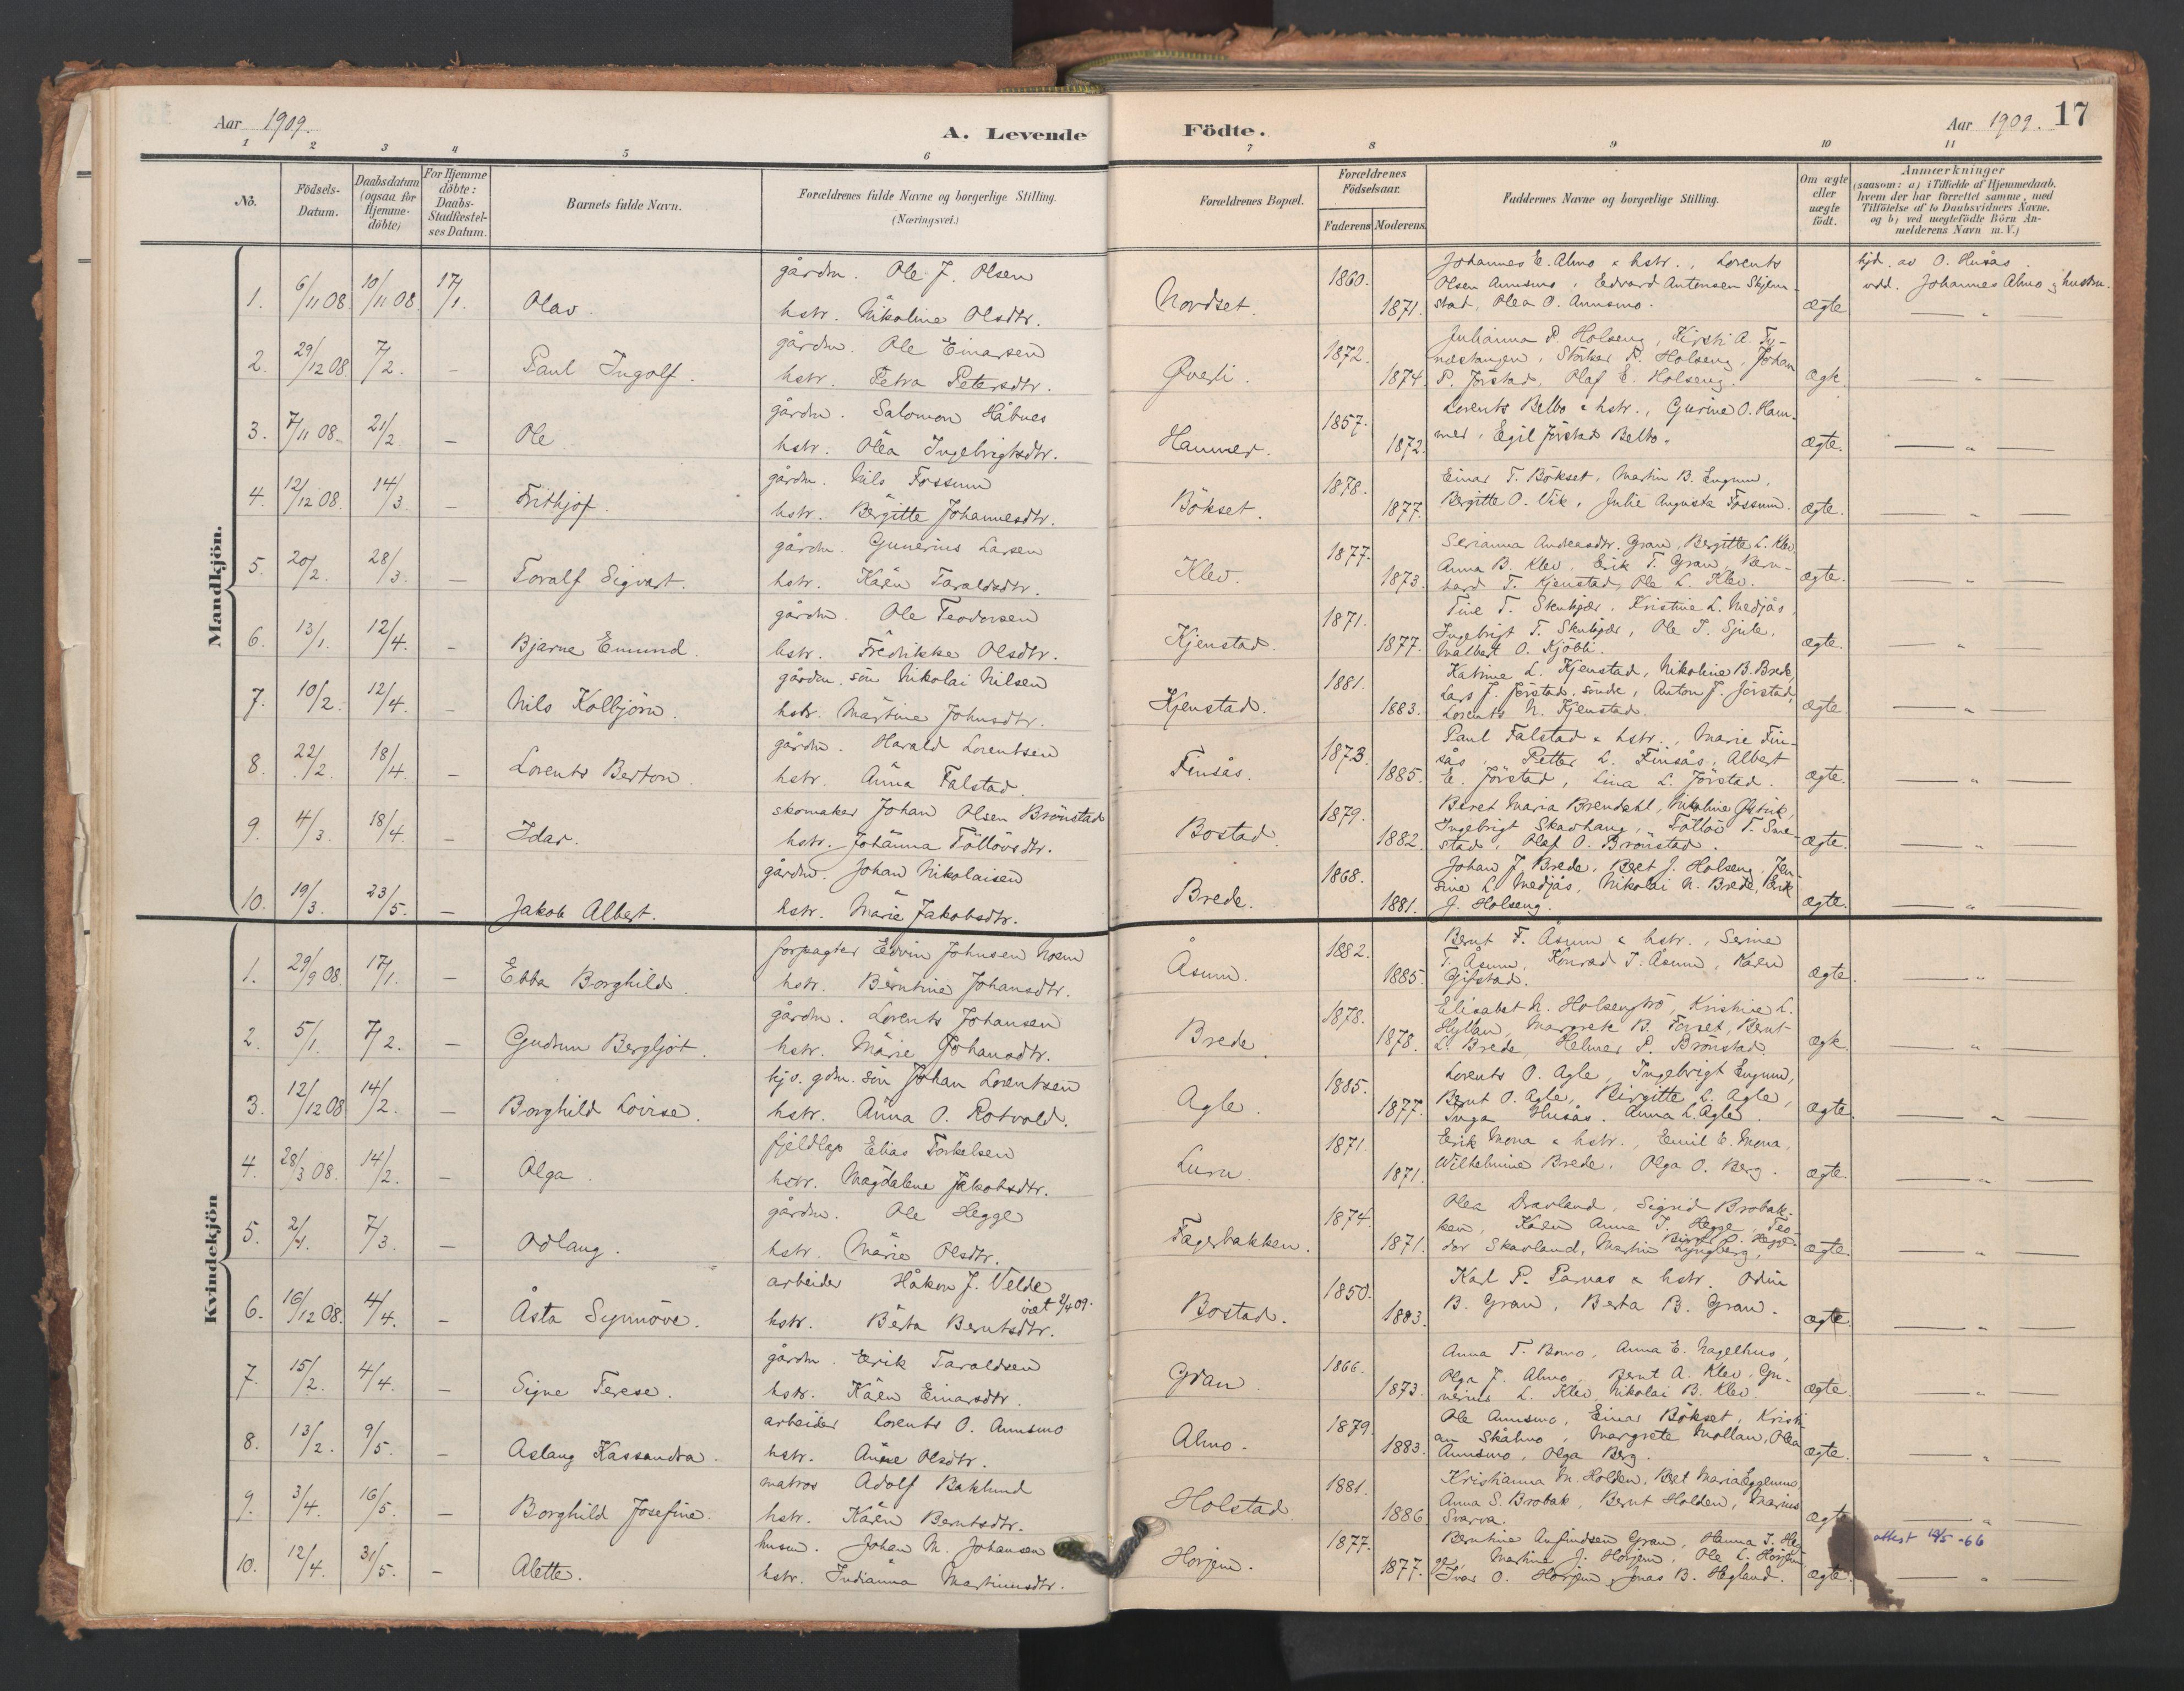 SAT, Ministerialprotokoller, klokkerbøker og fødselsregistre - Nord-Trøndelag, 749/L0477: Ministerialbok nr. 749A11, 1902-1927, s. 17